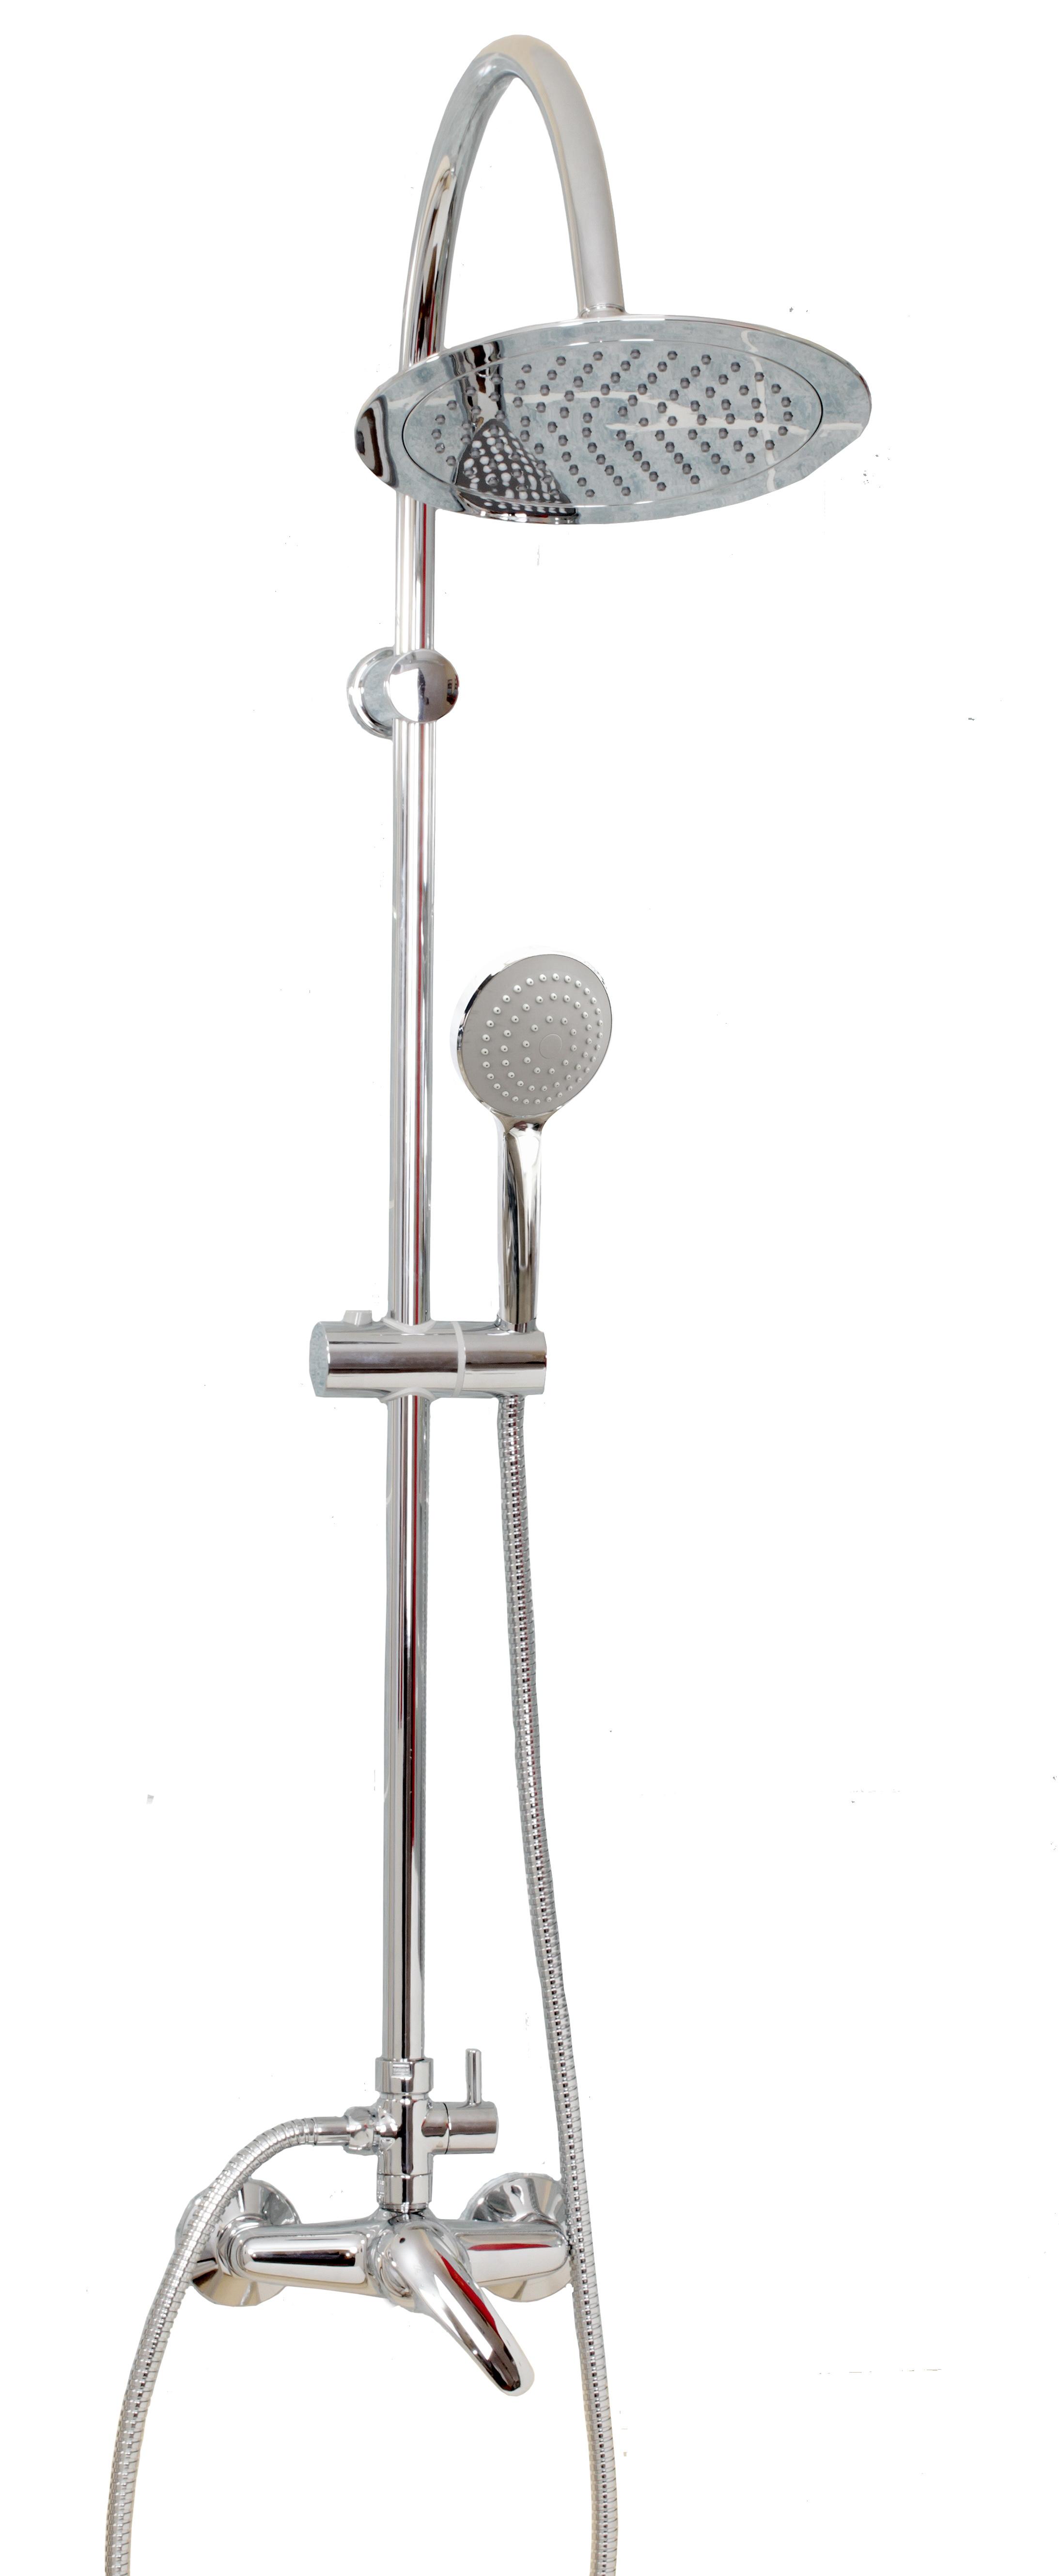 Смеситель для ванны Argo 35-06/c oksa смеситель для ванны argo oksa длина 13 5 см